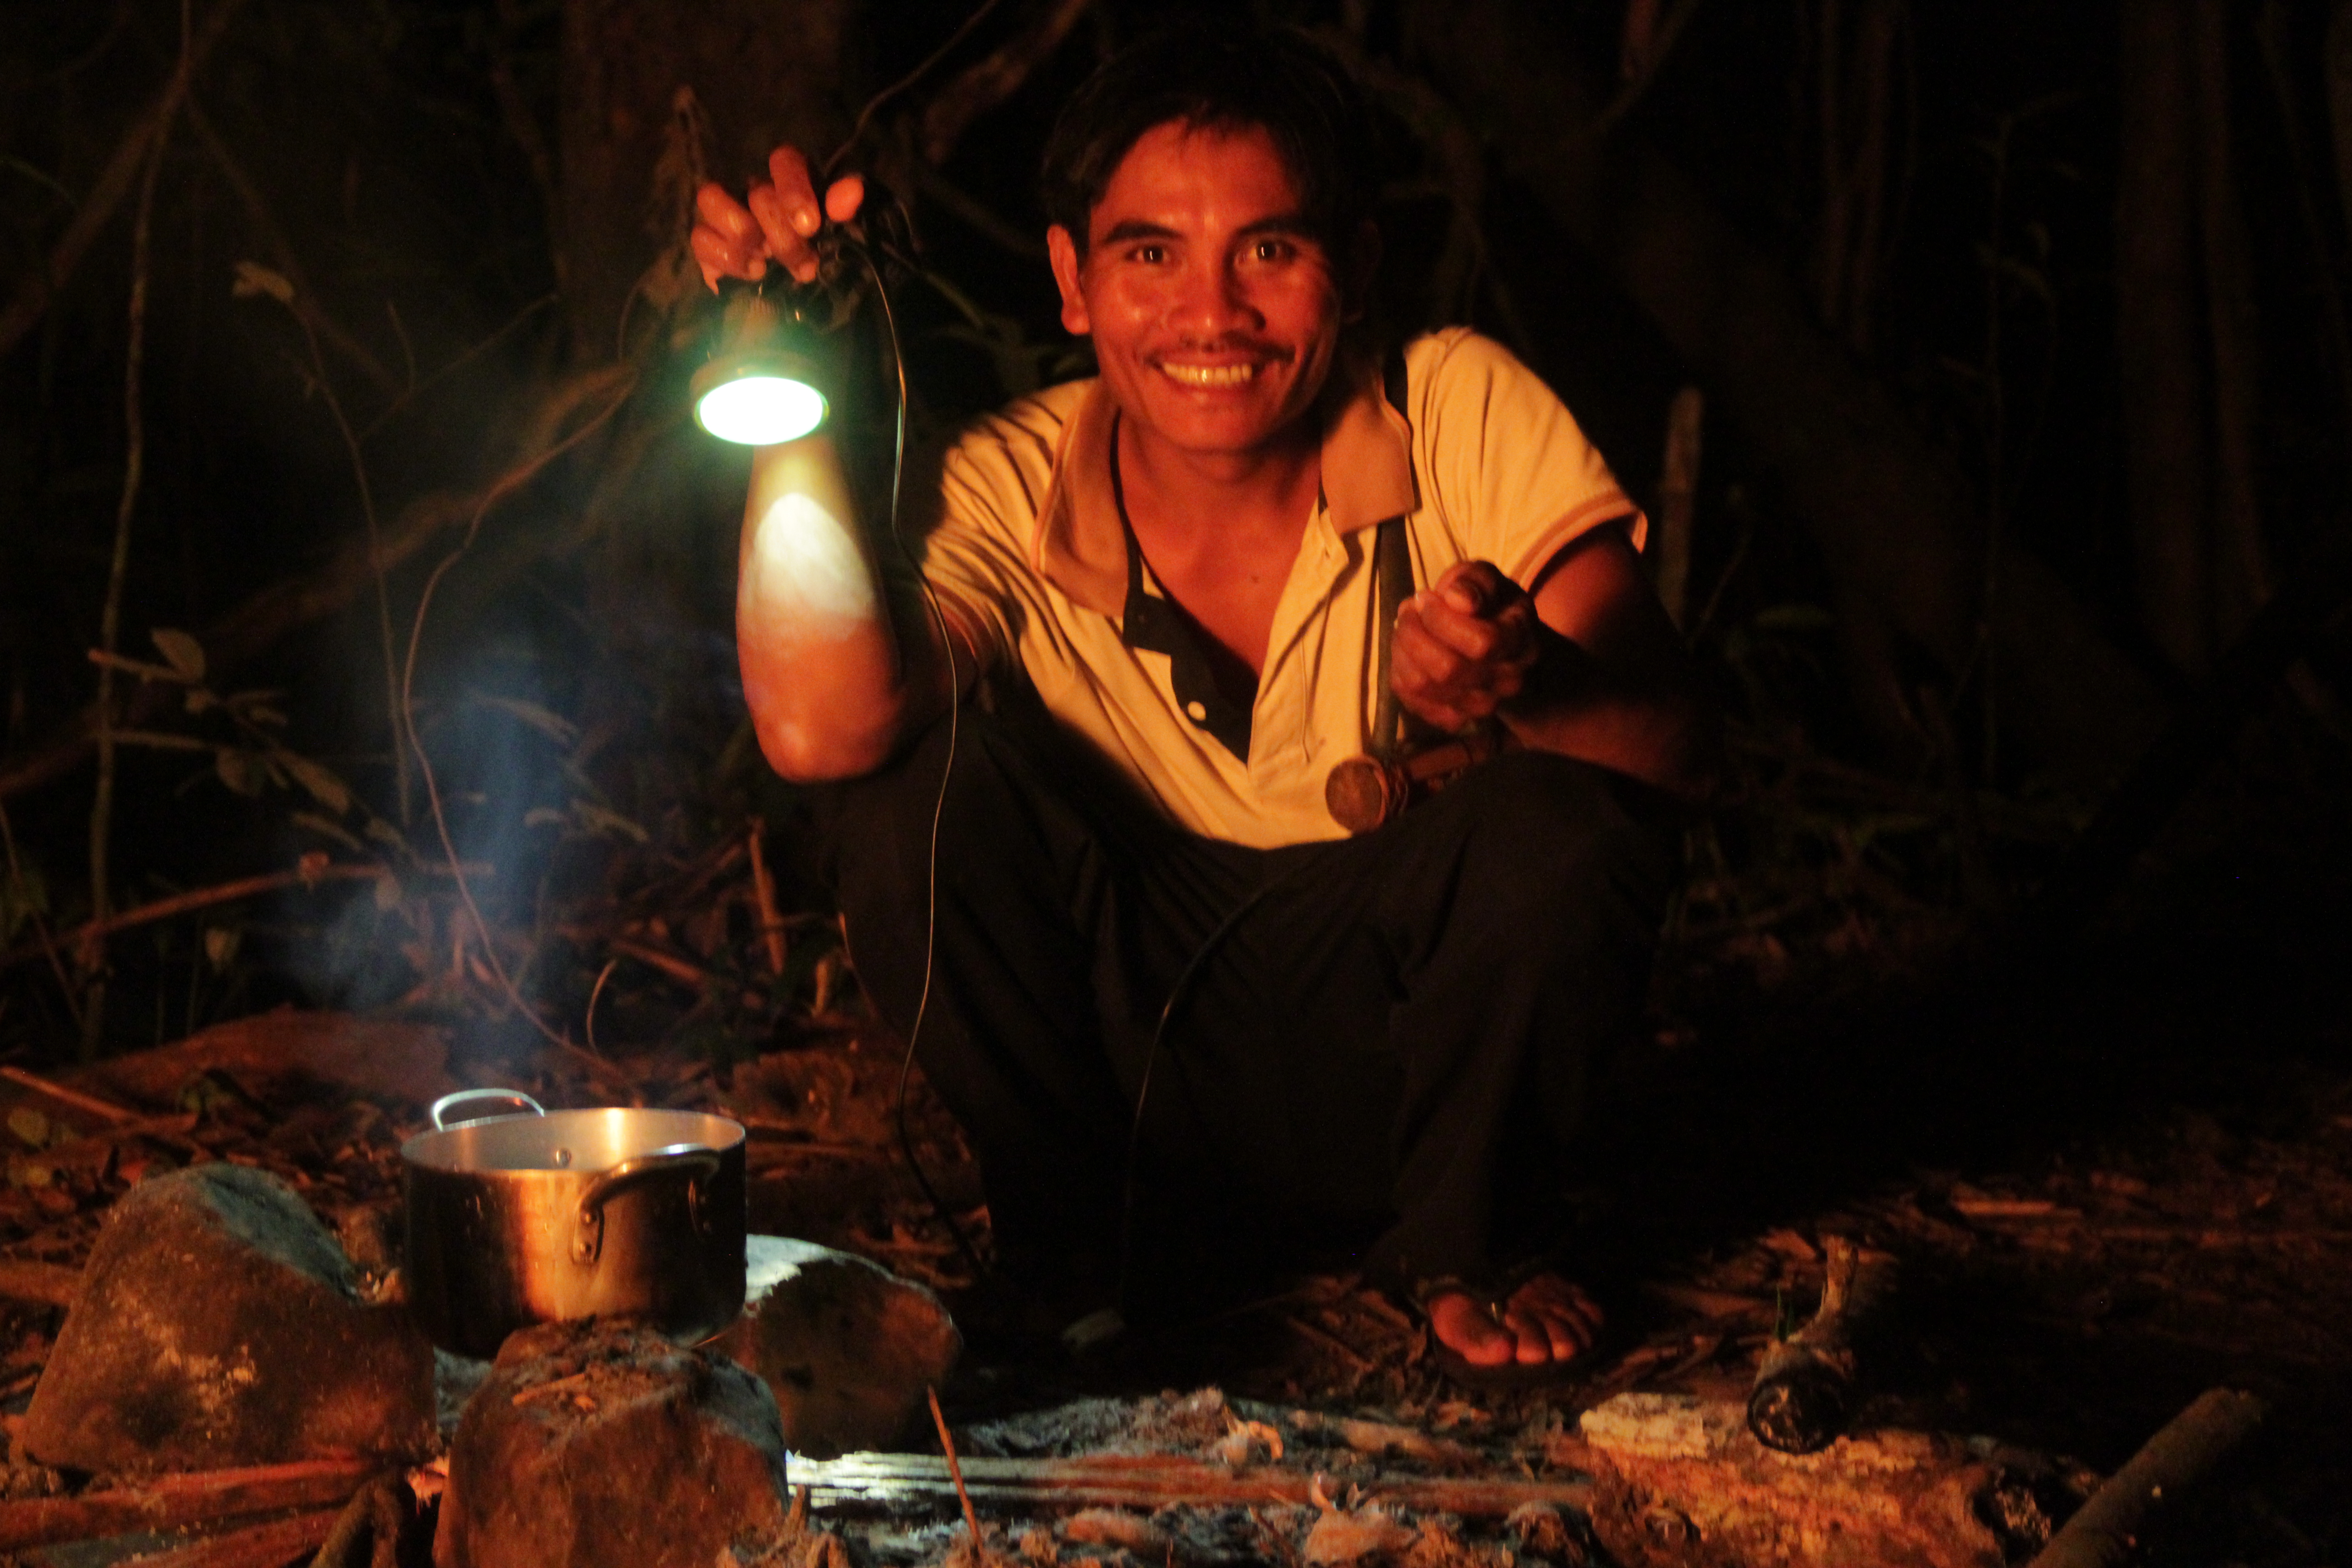 Huong, notre guide, prépare à manger en plein milieu de la jungle. On entend que le crépitement du feu et le bruit des cigales (© Jérôme Decoster).